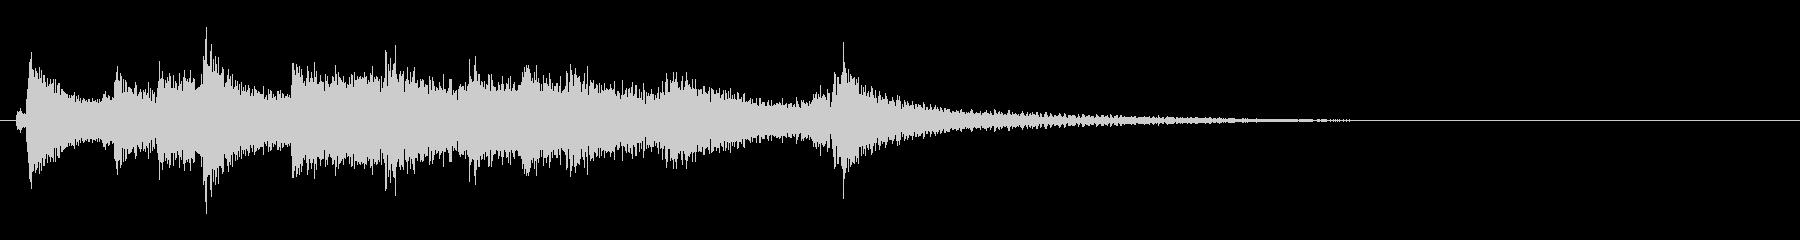 和風 シンプル 琴のジングル1の未再生の波形